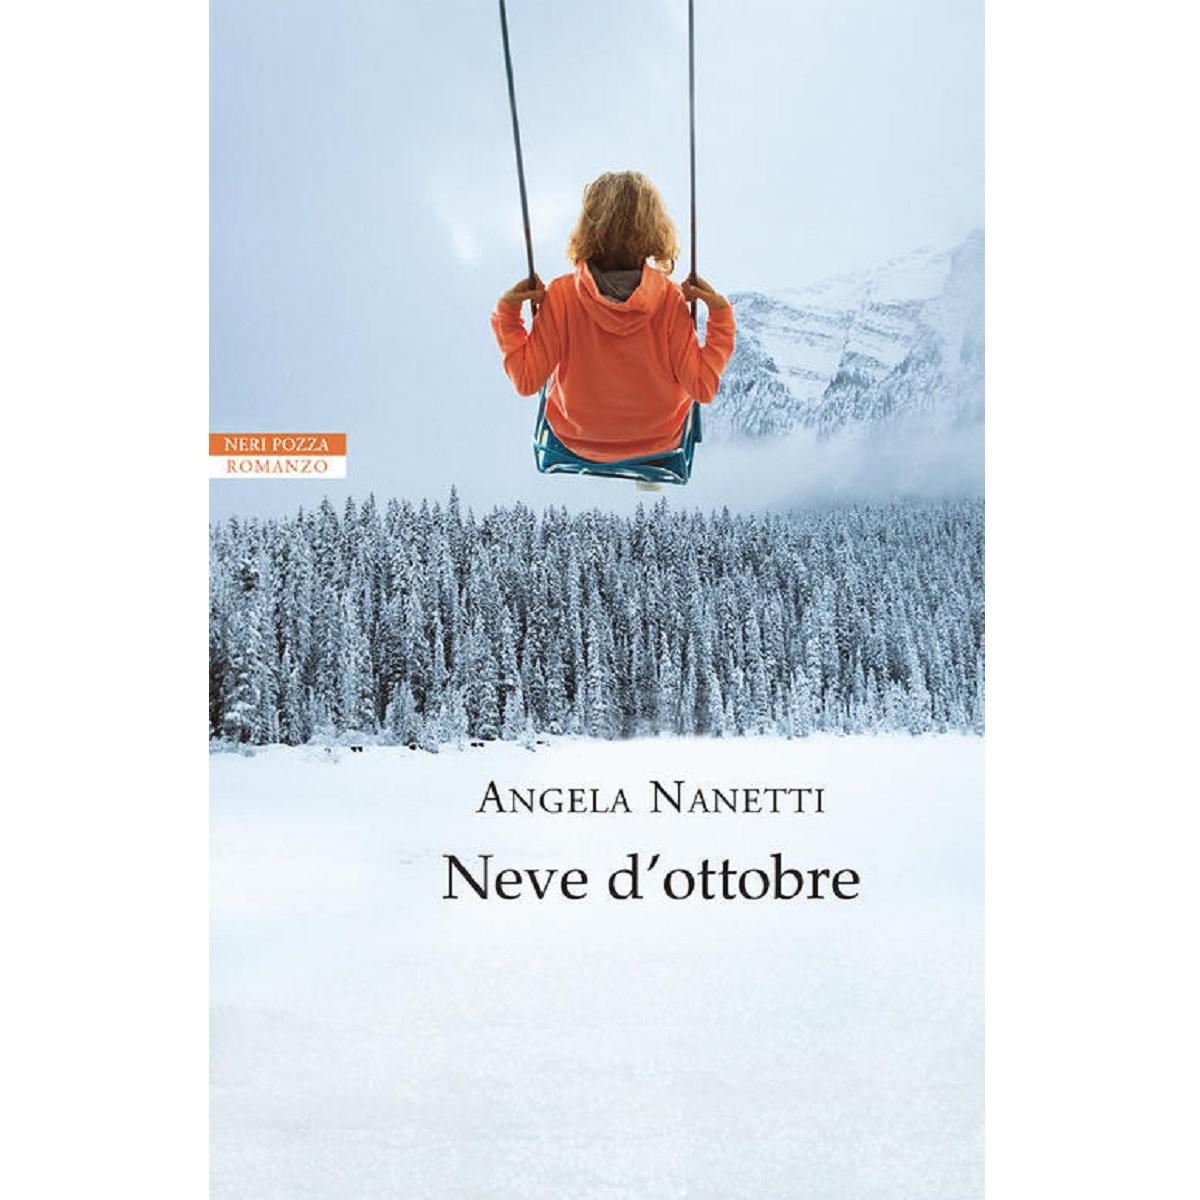 Presentazione libro di Angela Nanetti 30 Giugno 2021 foto